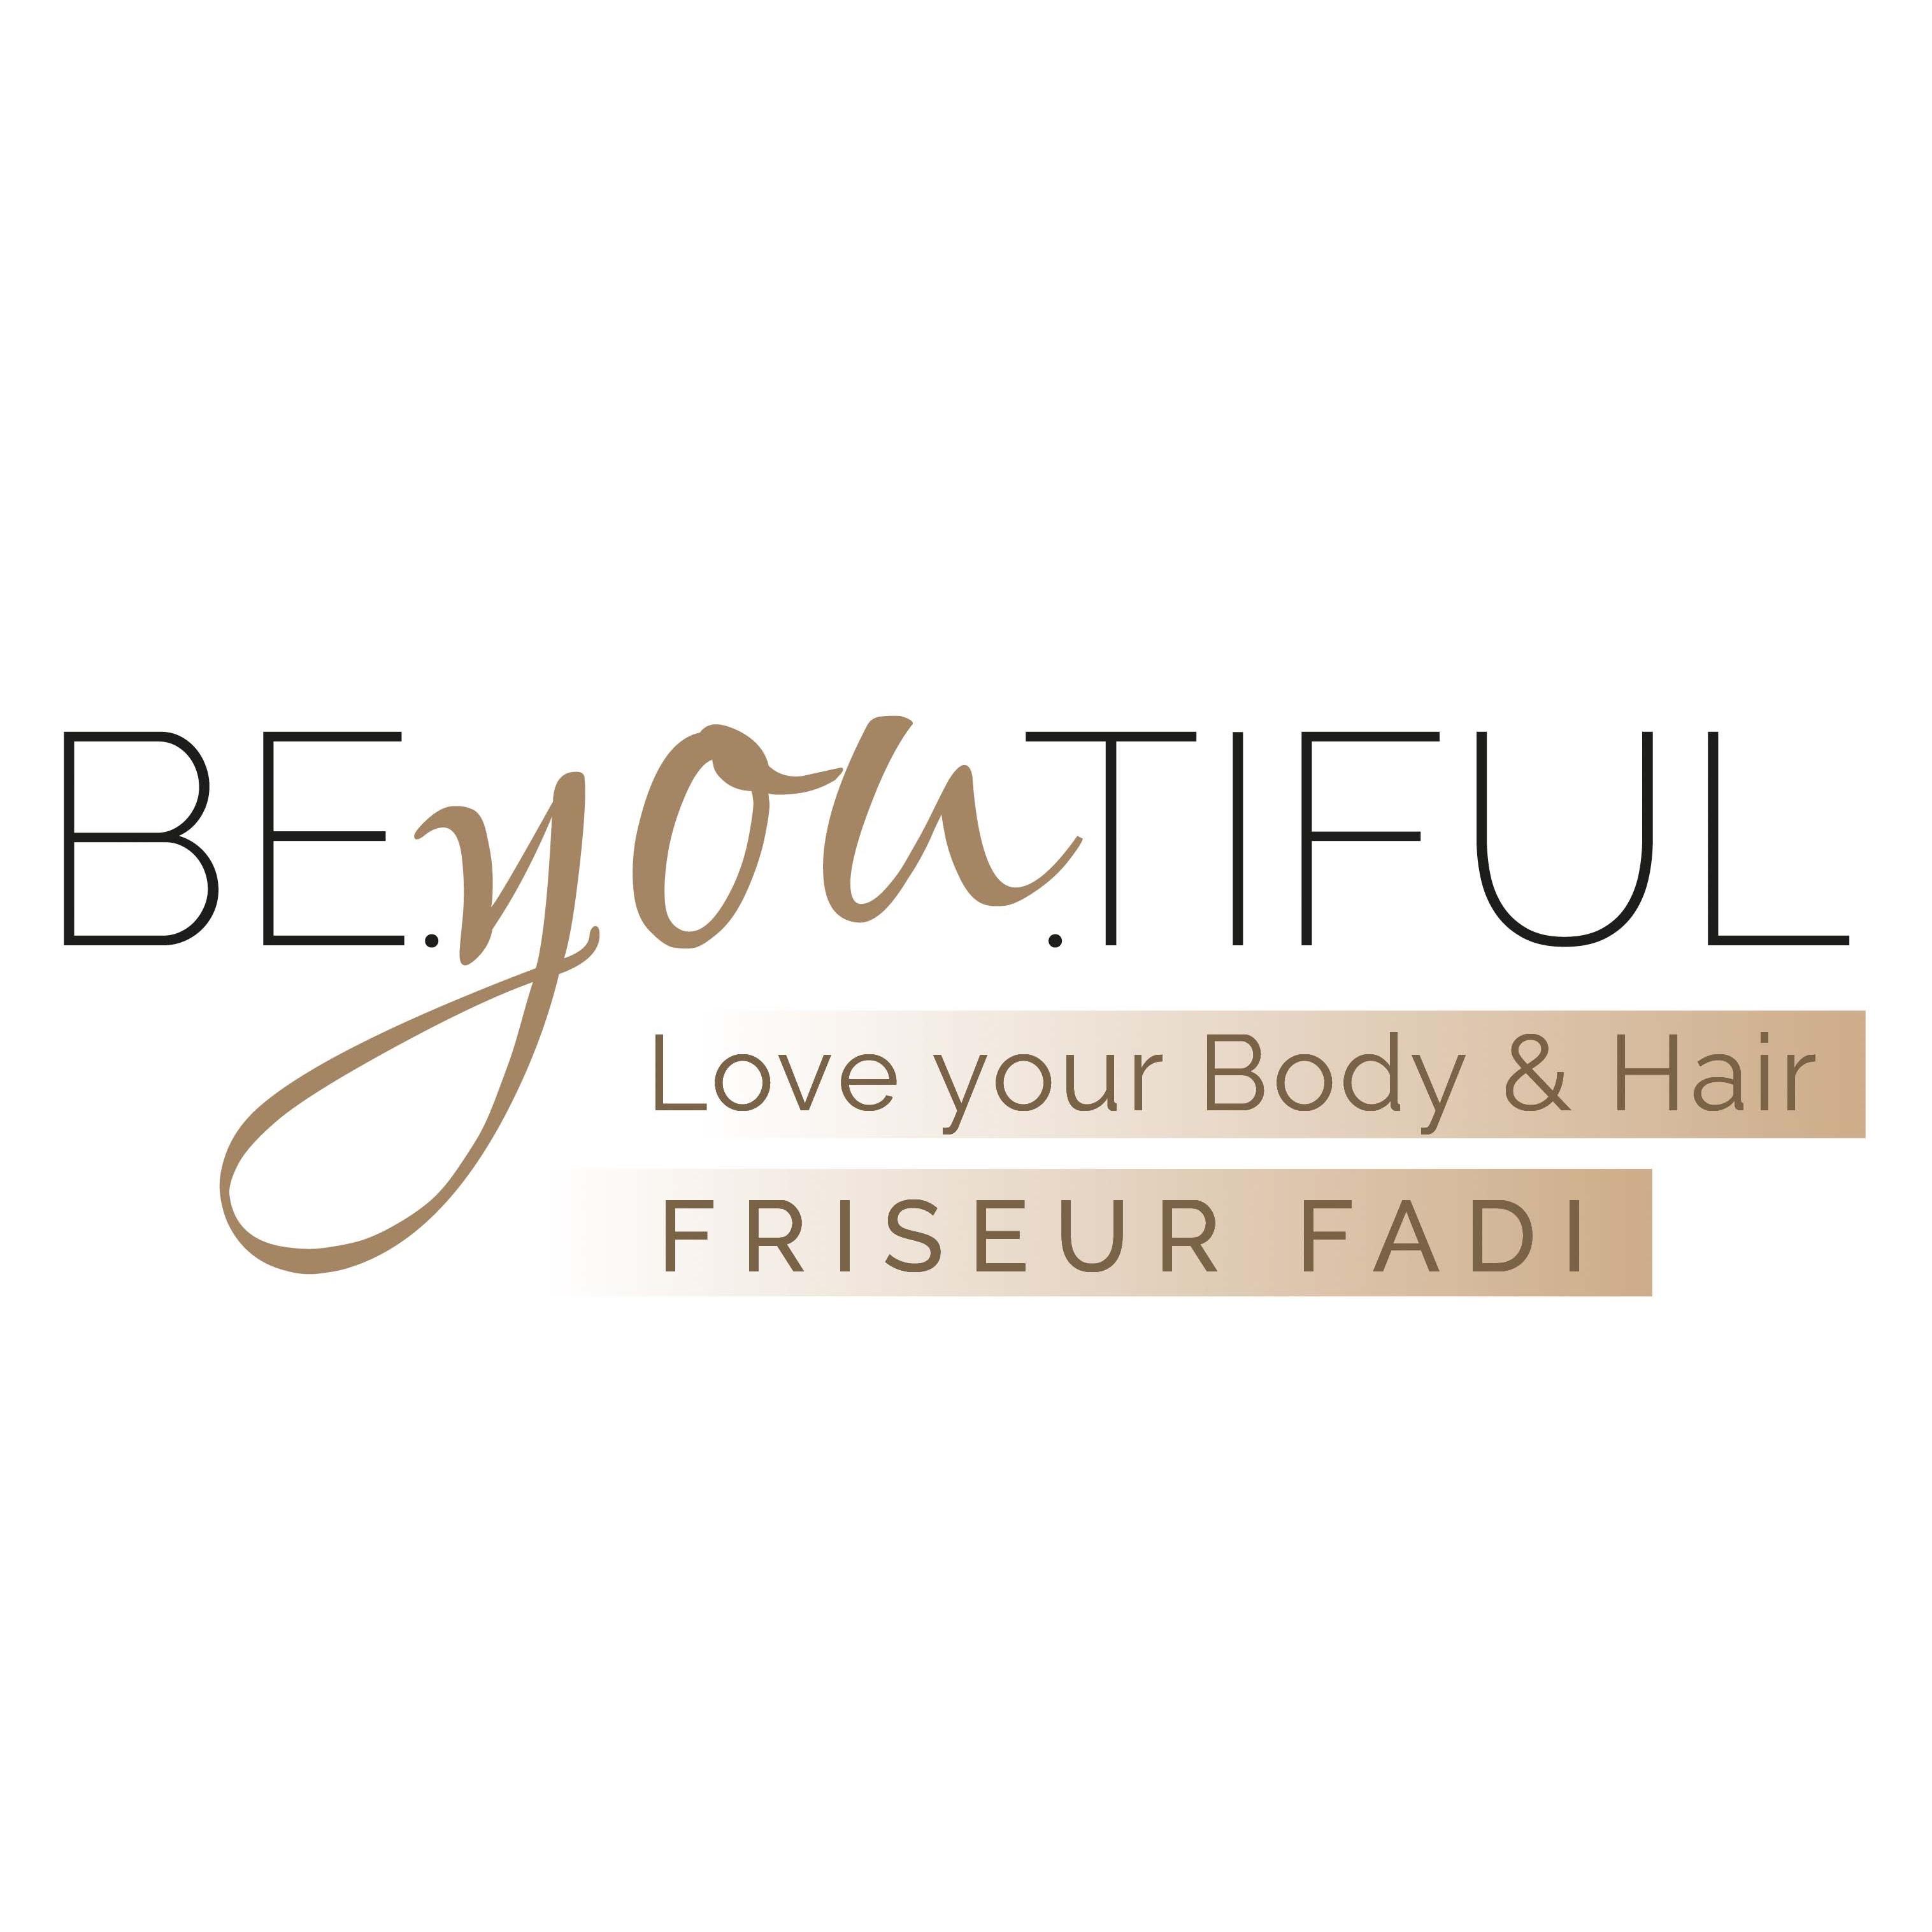 BE.you.TIFUL Love your Body & Hair Friseur Fadi